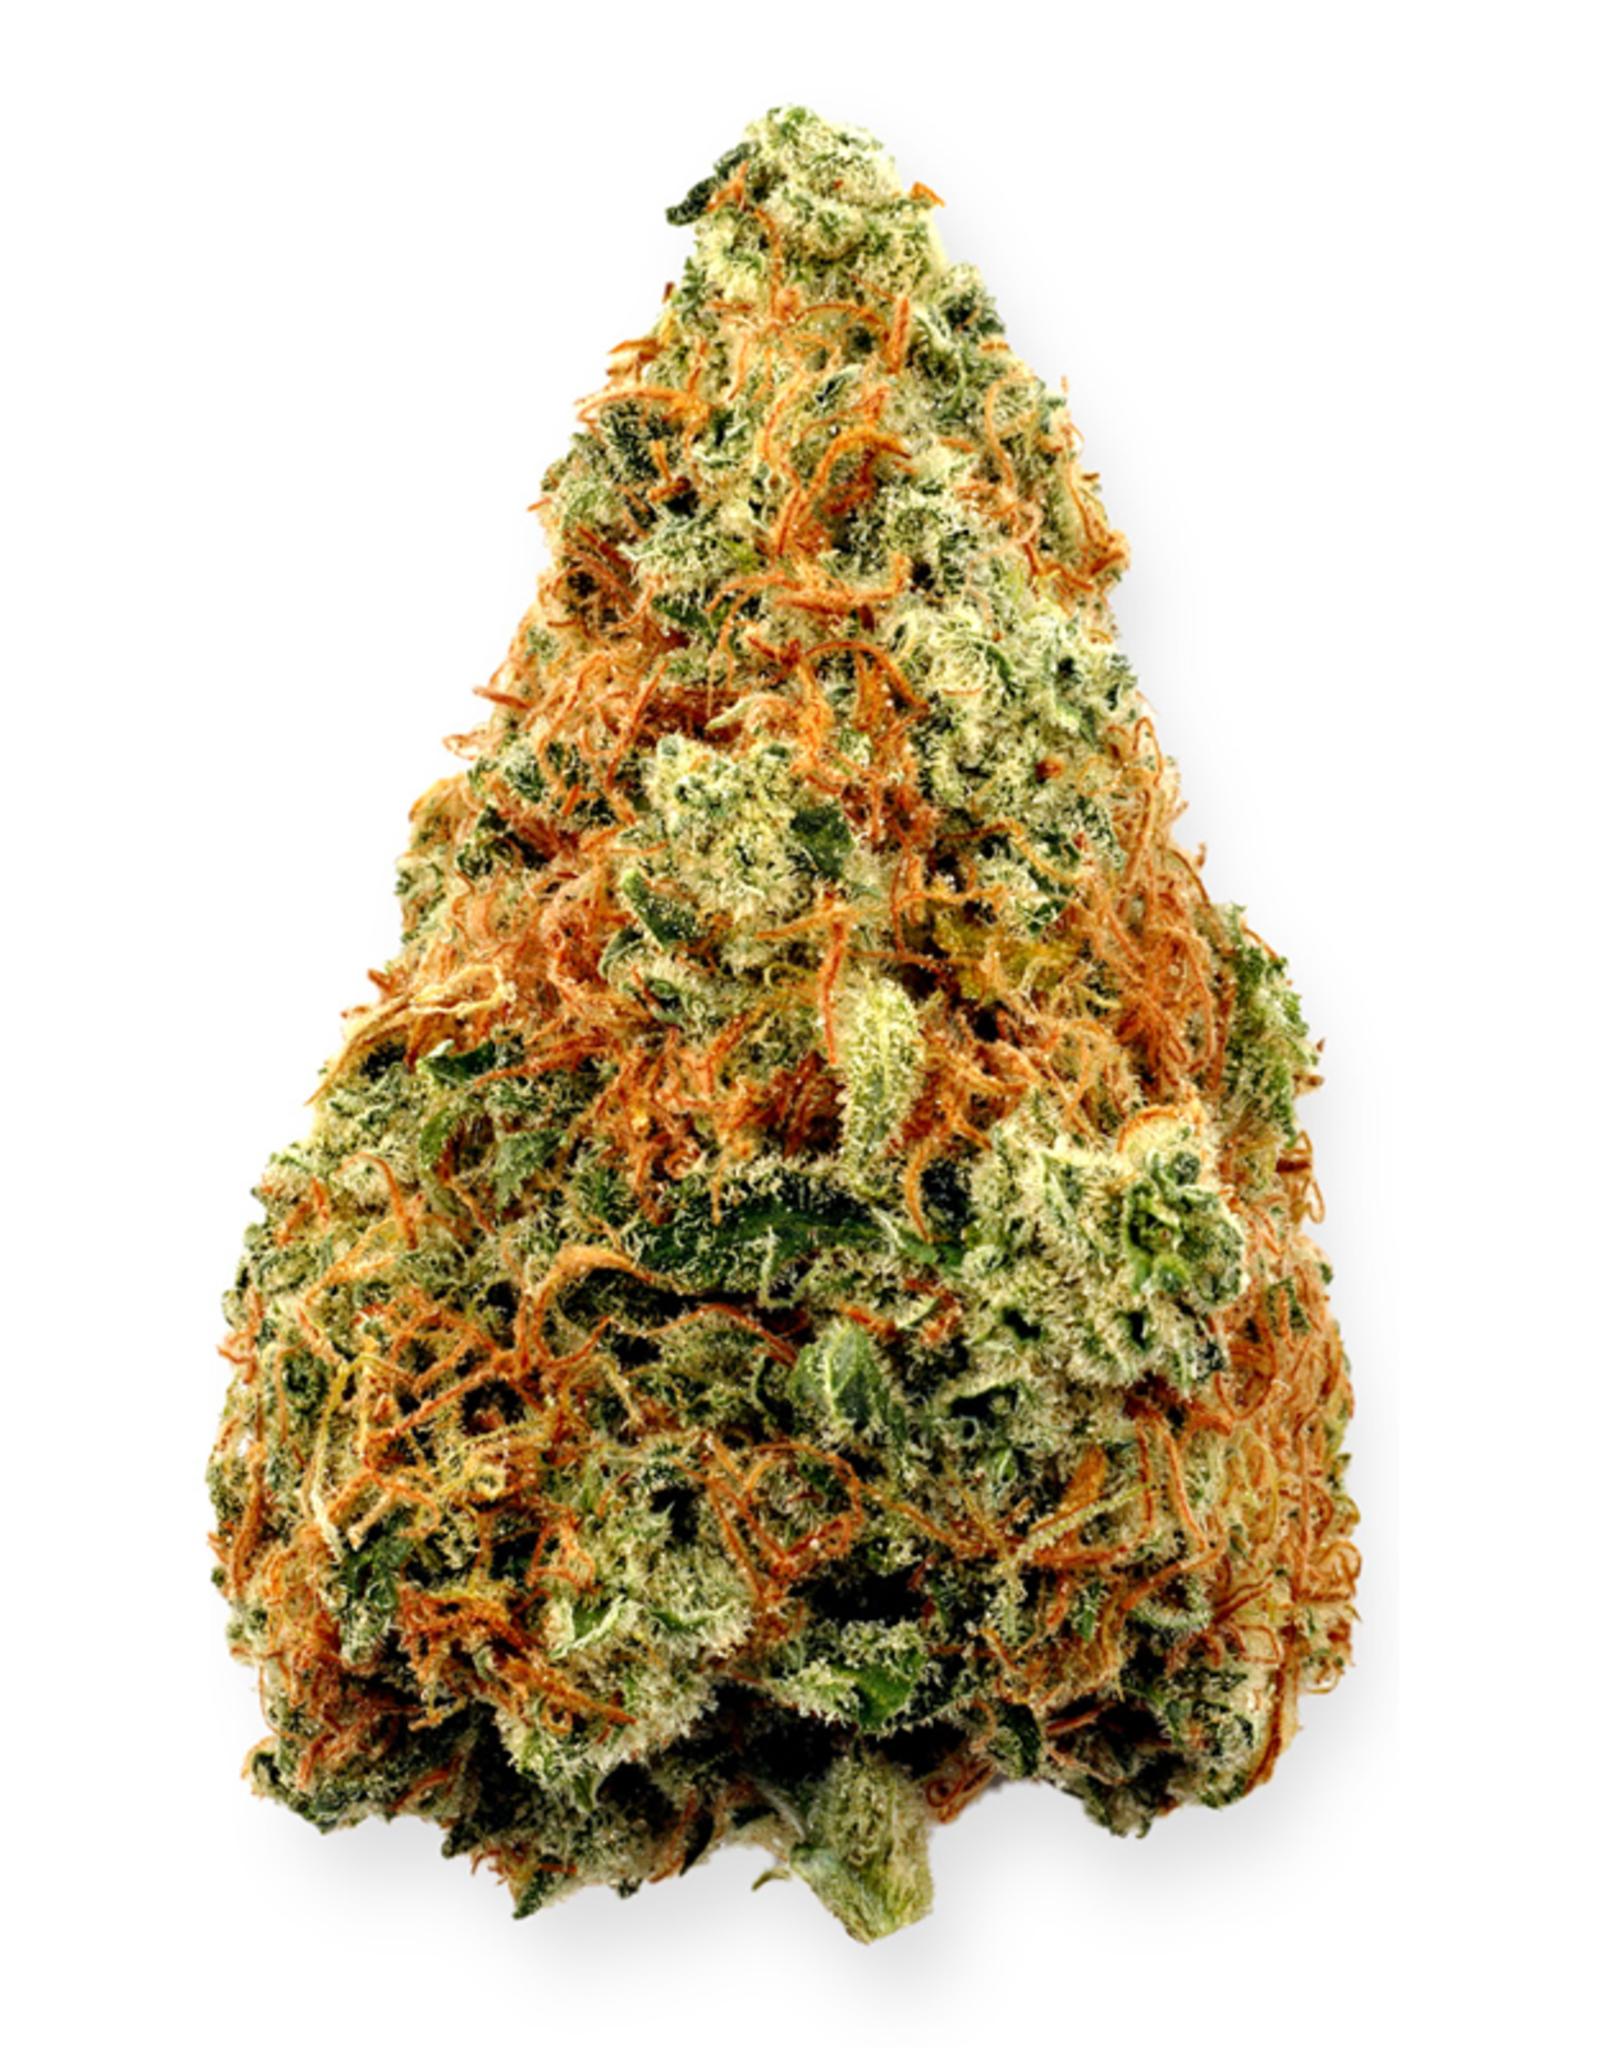 Highland Grow Highland Grow - Sensi Wizard - 1G